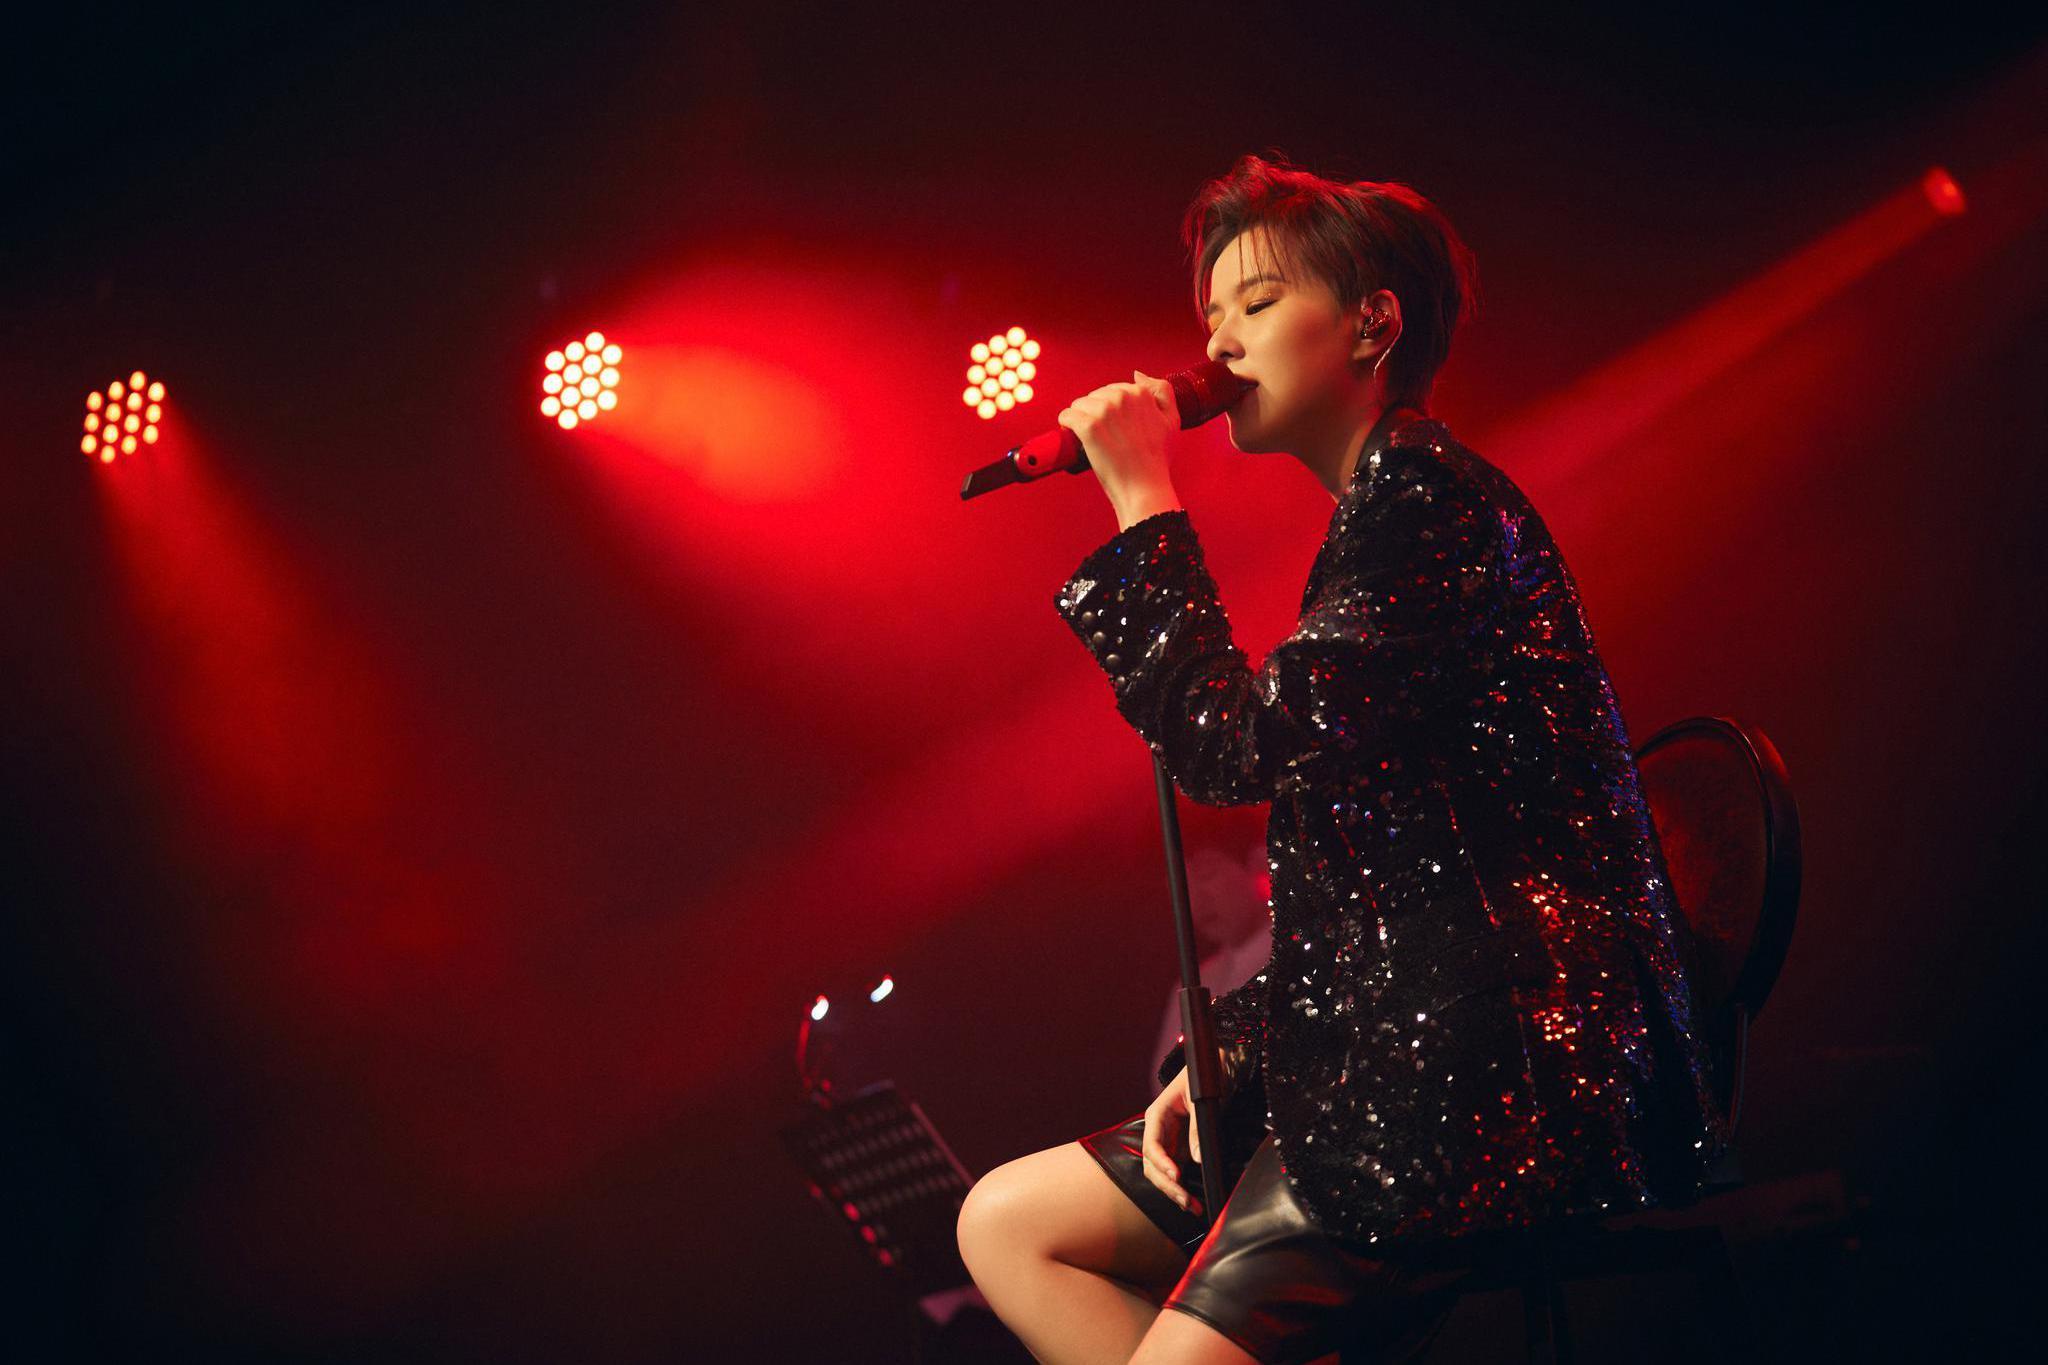 Sunnee杨芸晴个人巡回演唱会  广州两场降燥来袭